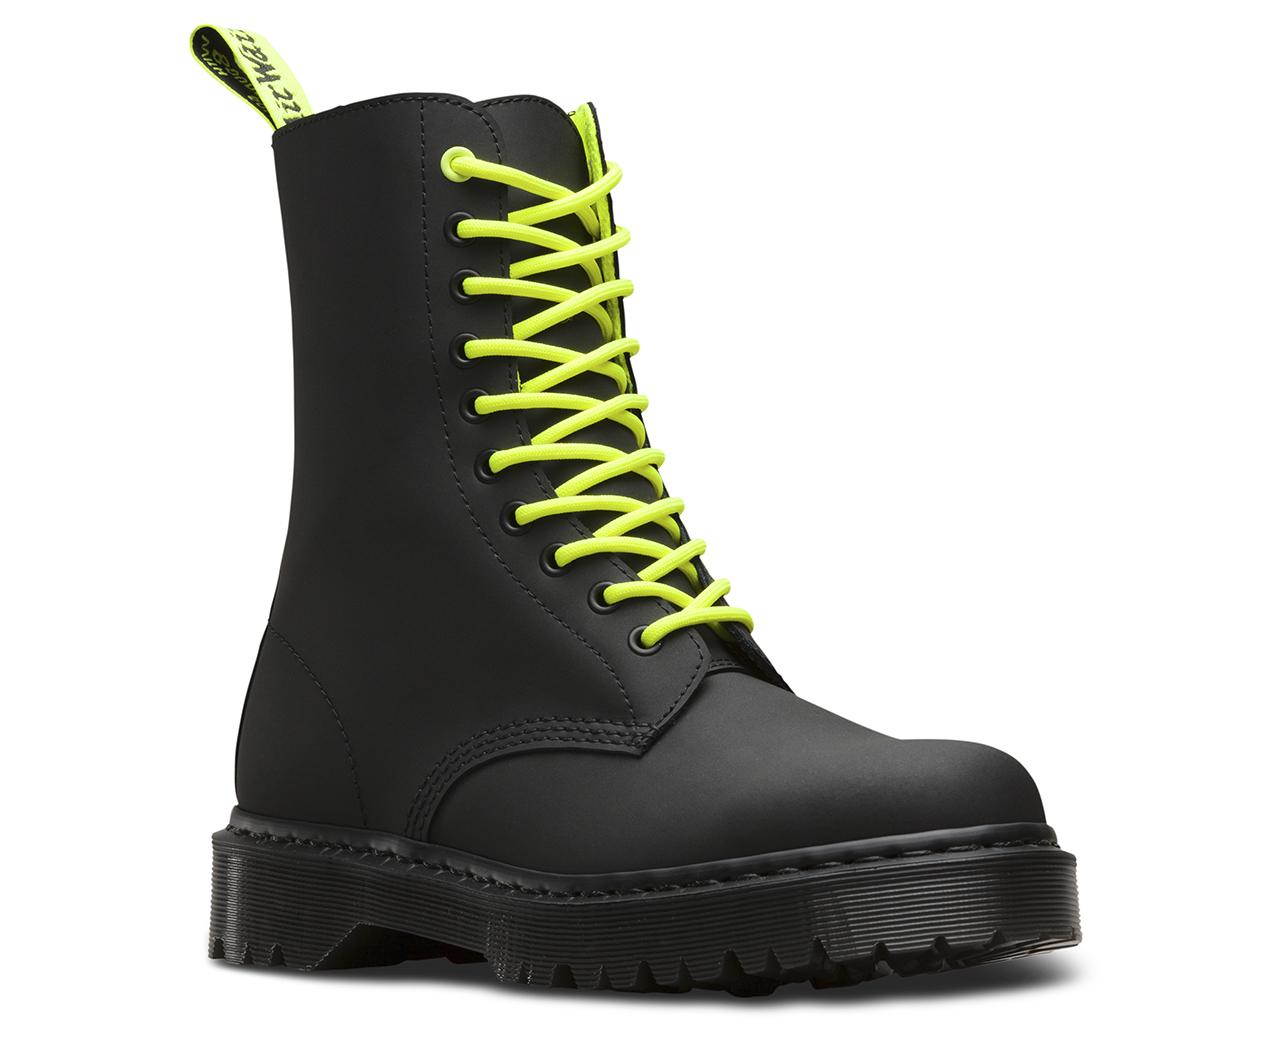 Hommes 1490 Alt Black Concept Boots Dr. Hommes 1490 Alt Concept De Bottes Noires Dr. Martens Martens Vente De Faux Confortable Pas Cher En Ligne 589oY